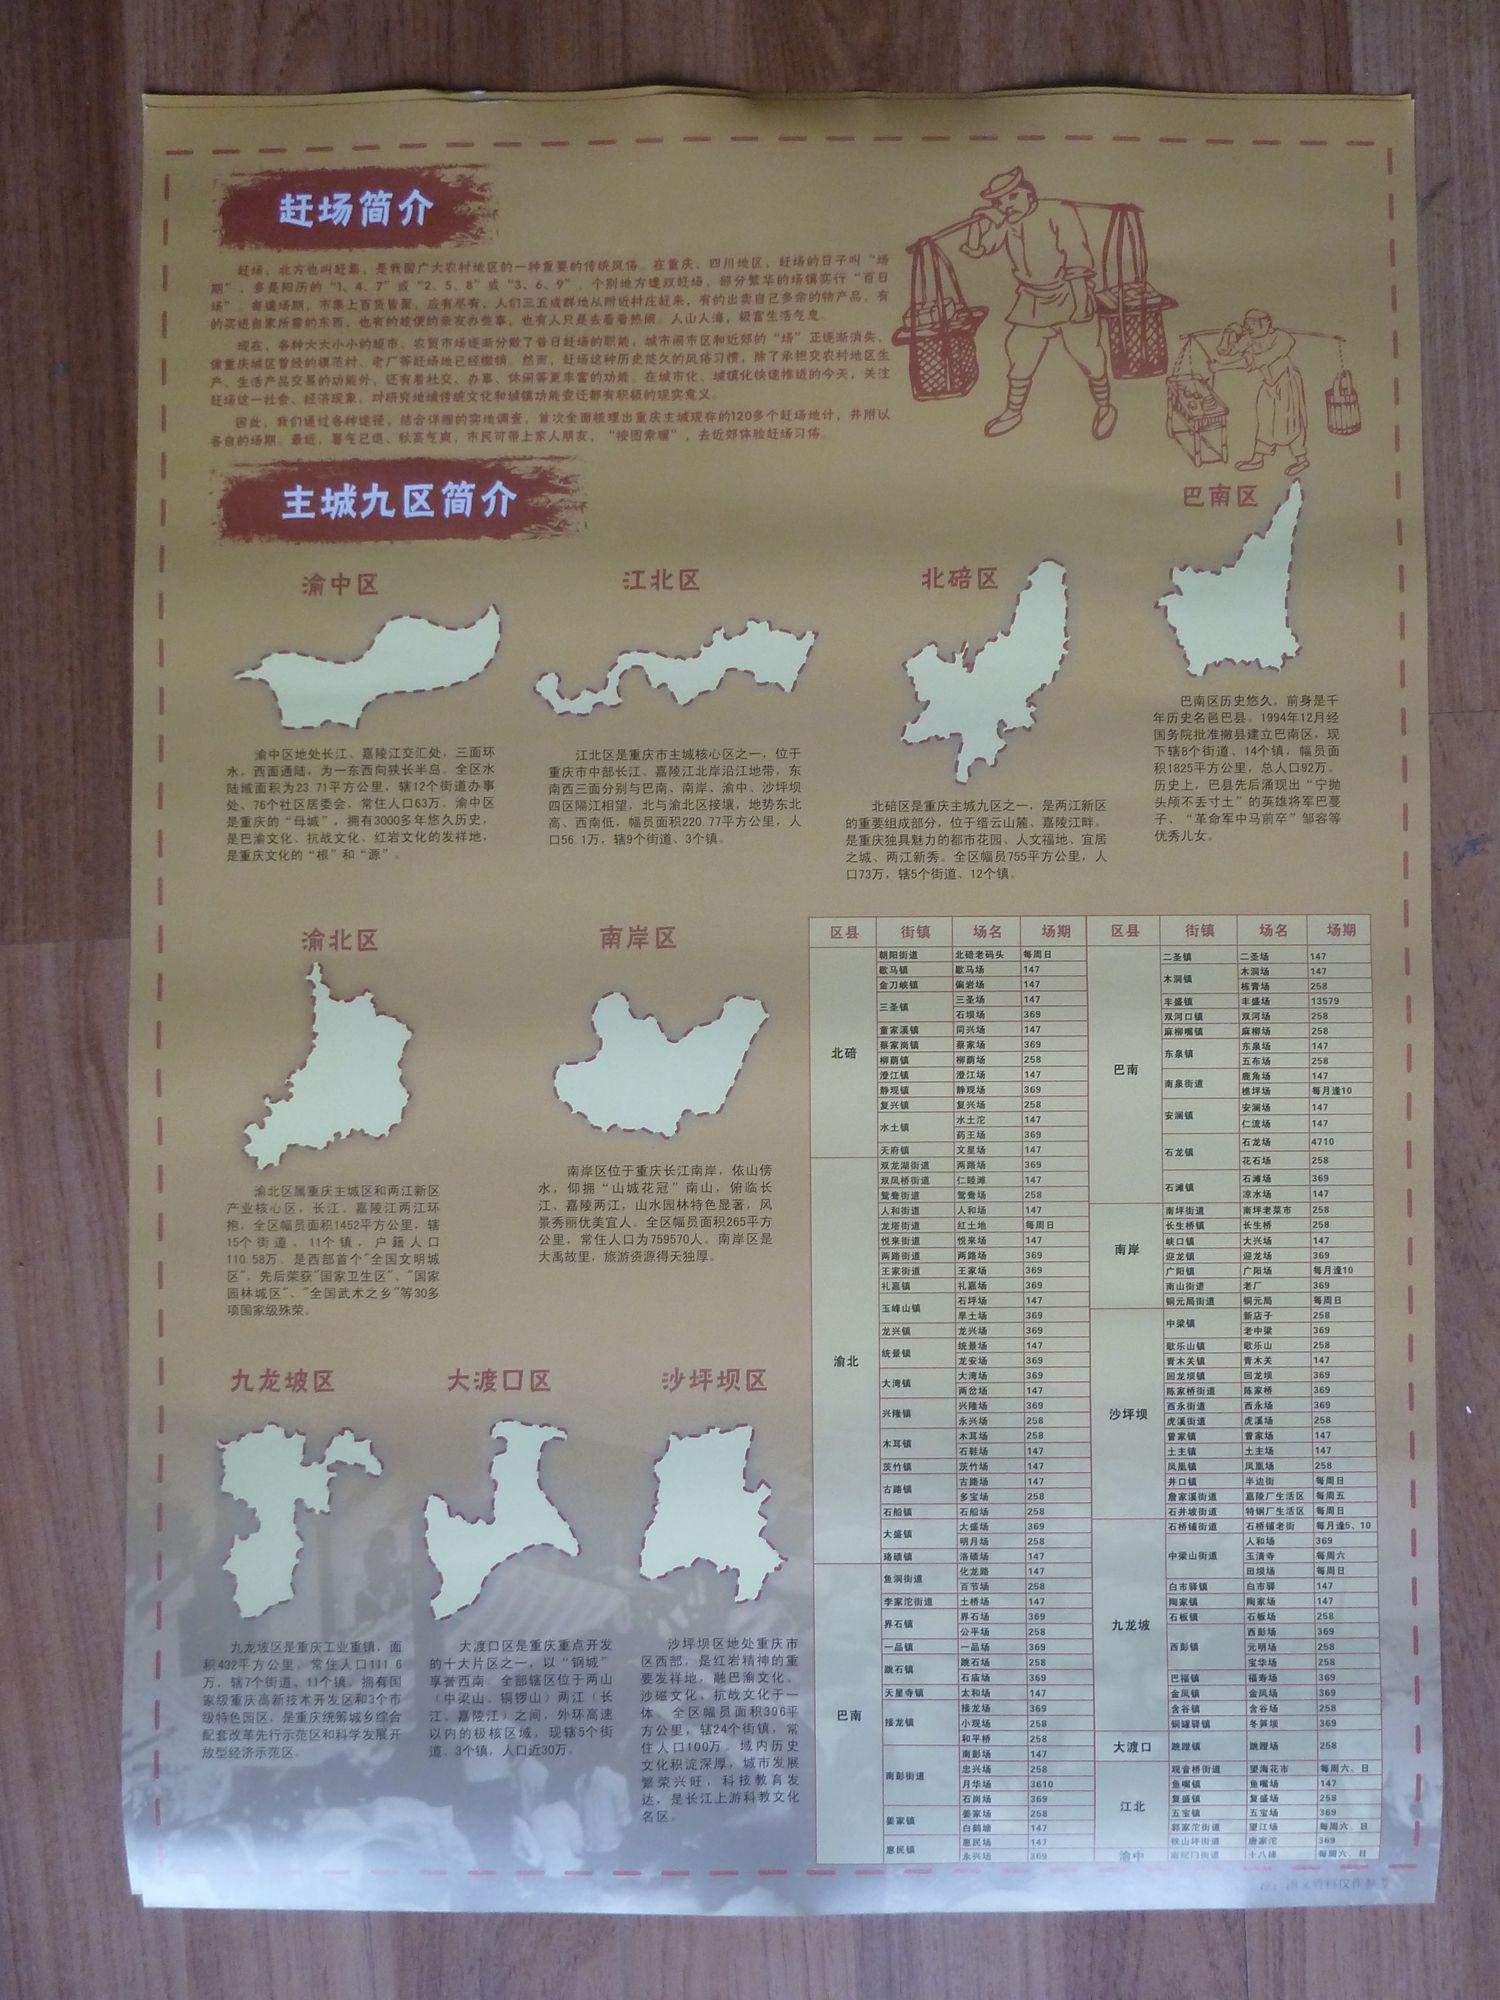 【图】重庆主城赶场地图